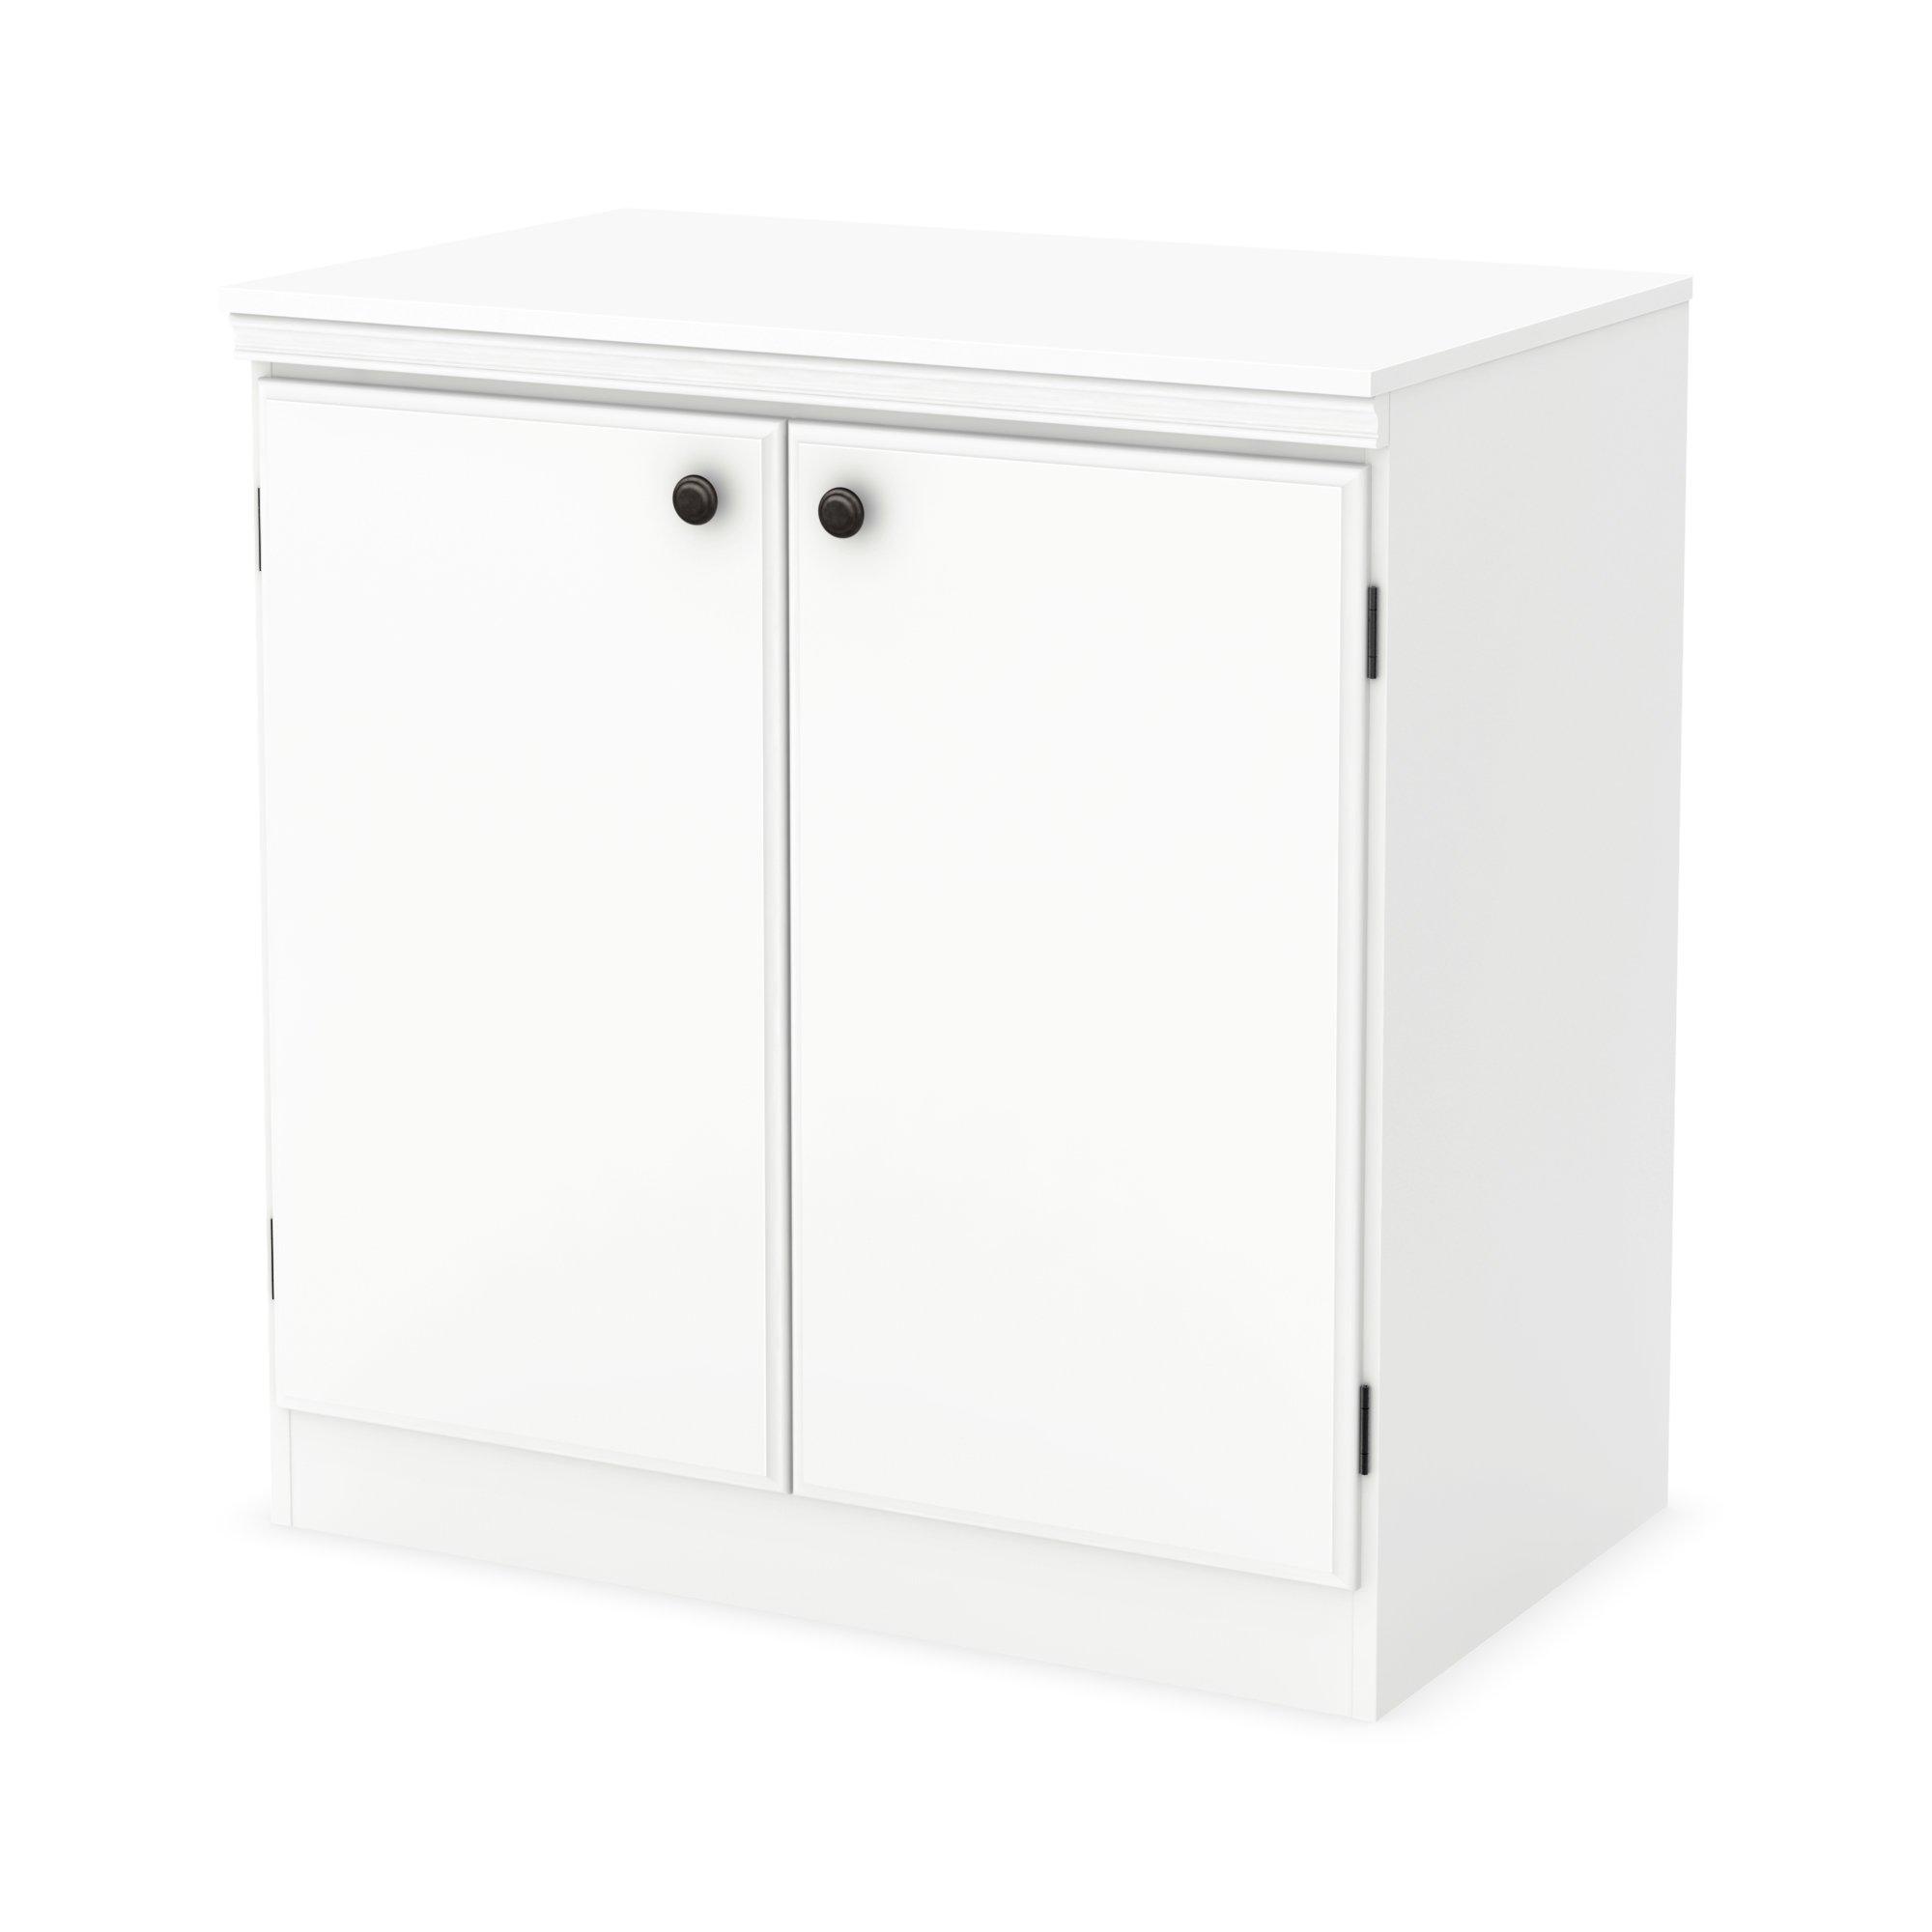 South Shore Morgan 2-Door Storage Cabinet, Pure White